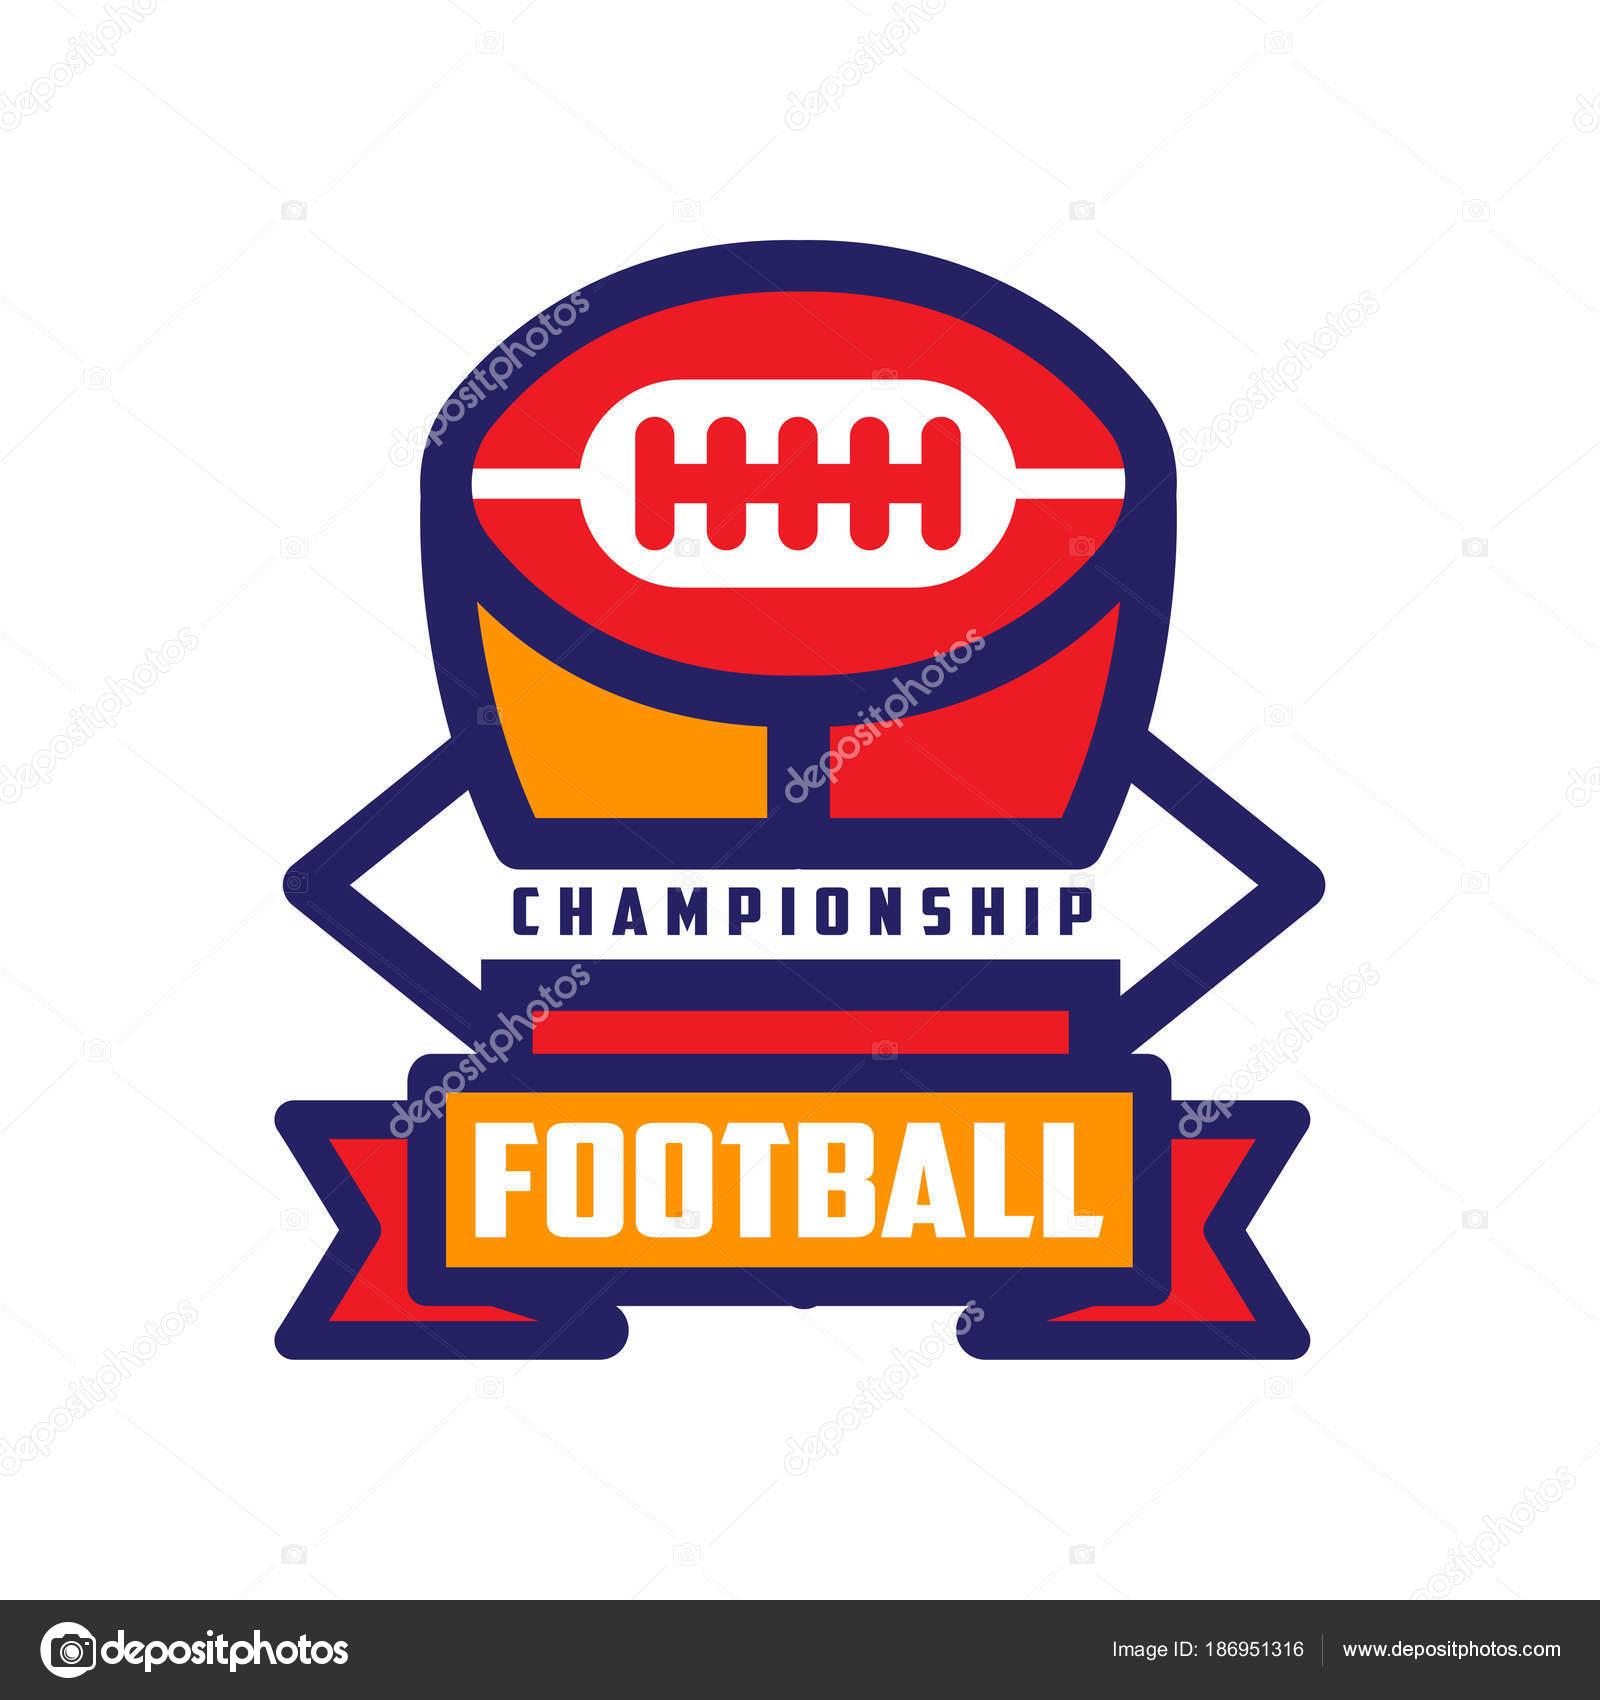 Plantilla de logotipo de Campeonato de fútbol, fútbol americano ...